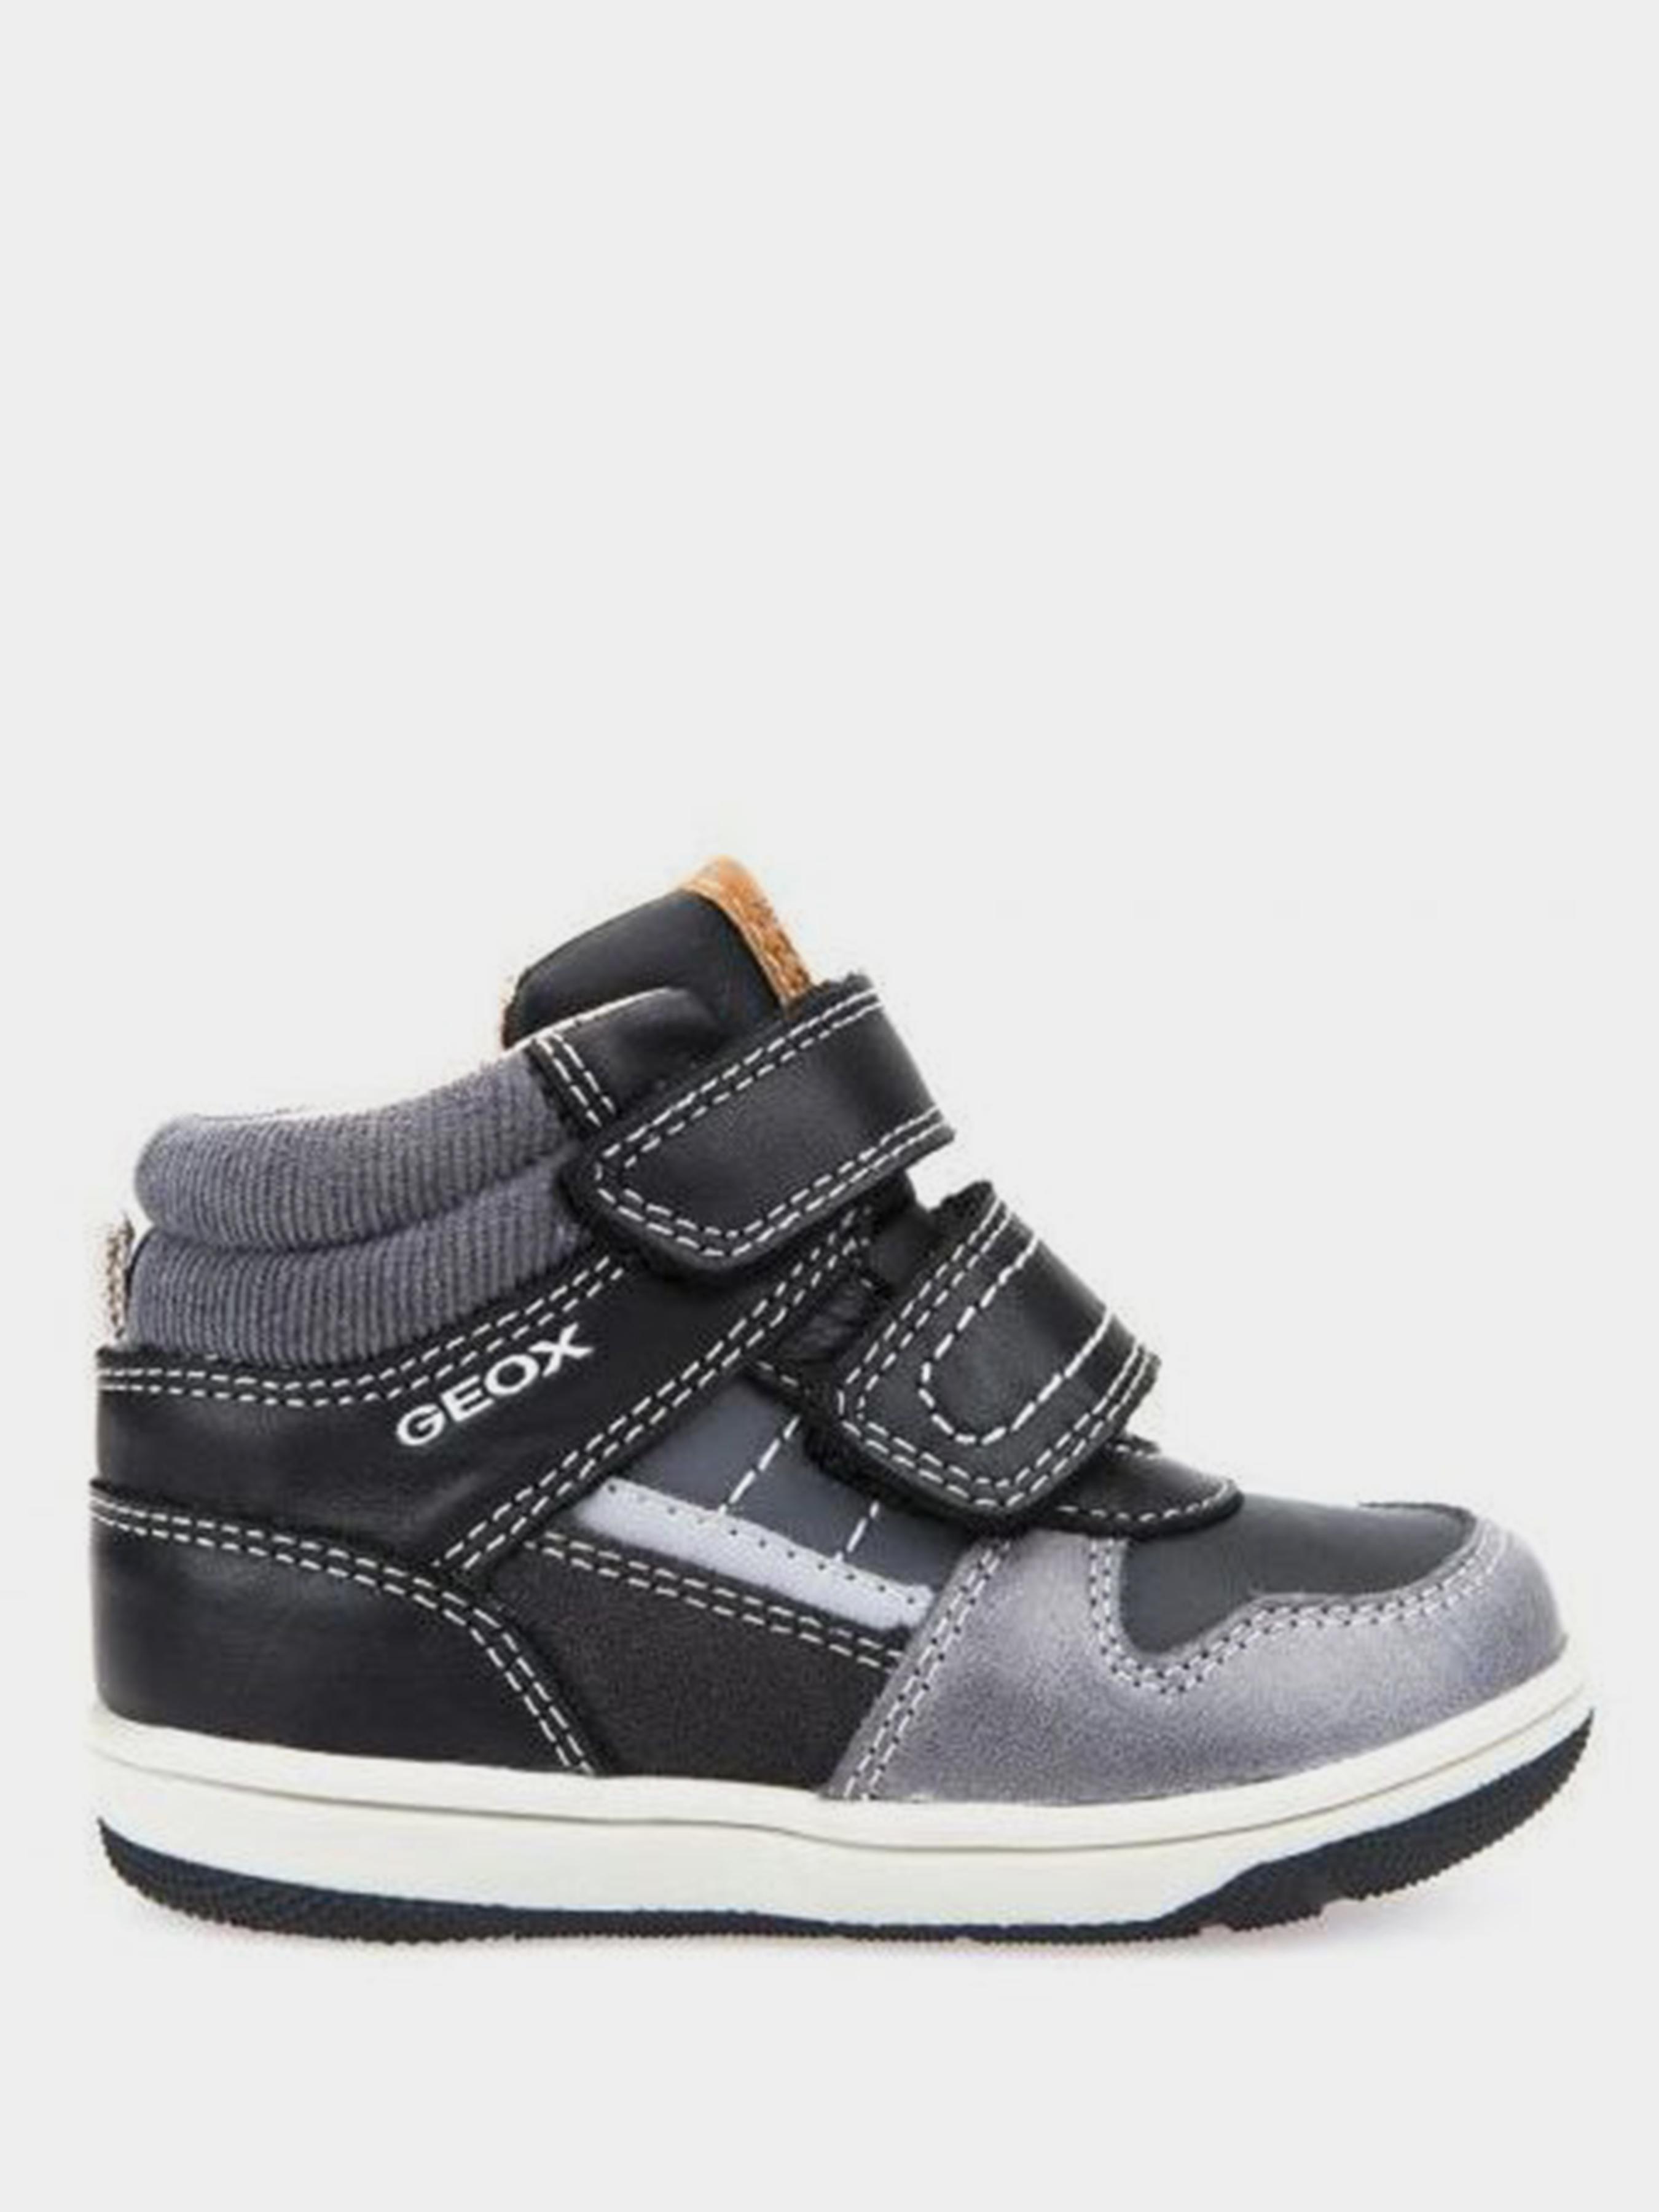 Купить Ботинки для детей Geox B NEW FLICK BOY XK5671, Многоцветный